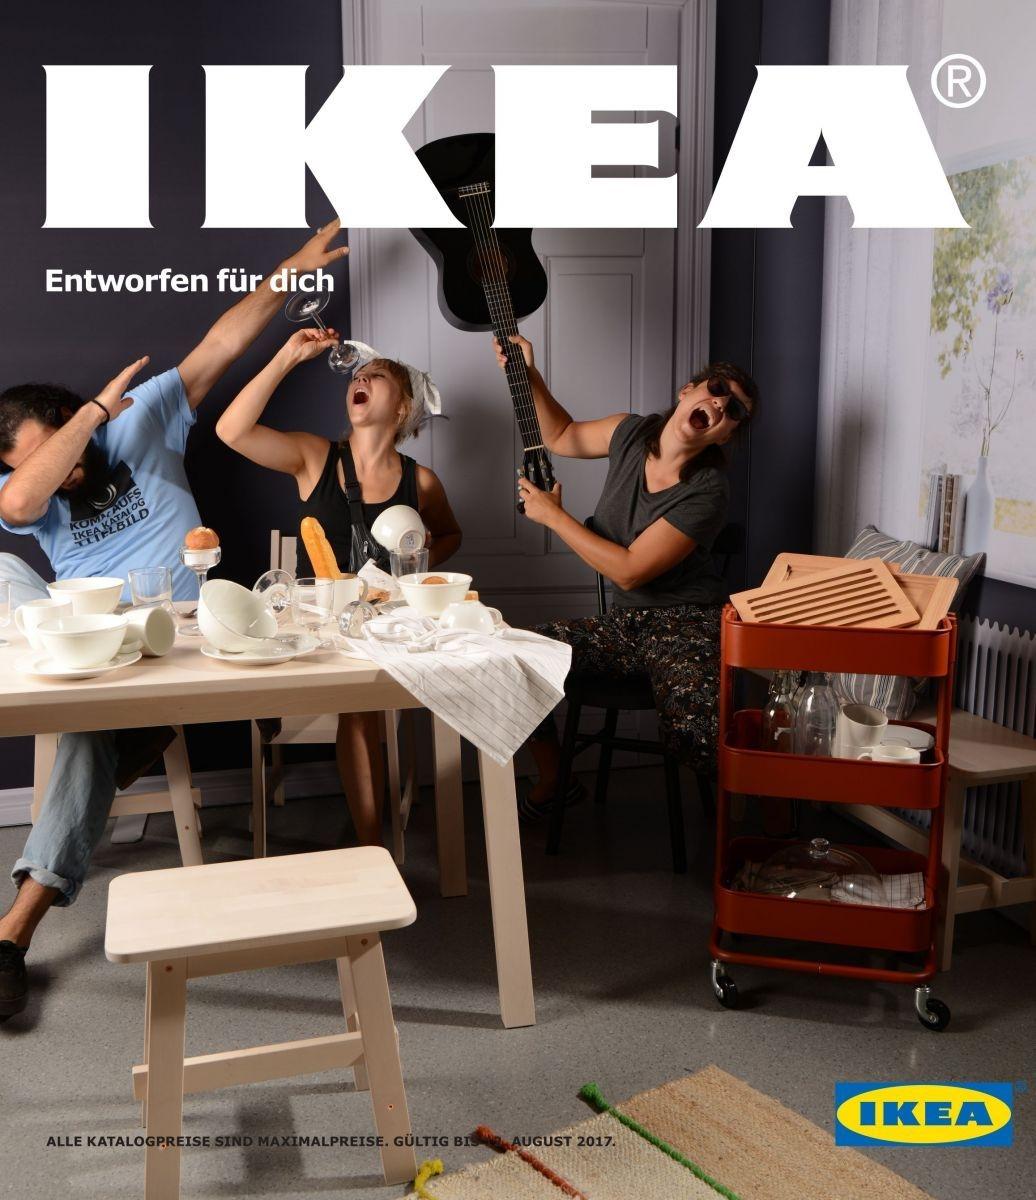 jeff jeder wird zum titelstar des ikea katalogs marketing. Black Bedroom Furniture Sets. Home Design Ideas